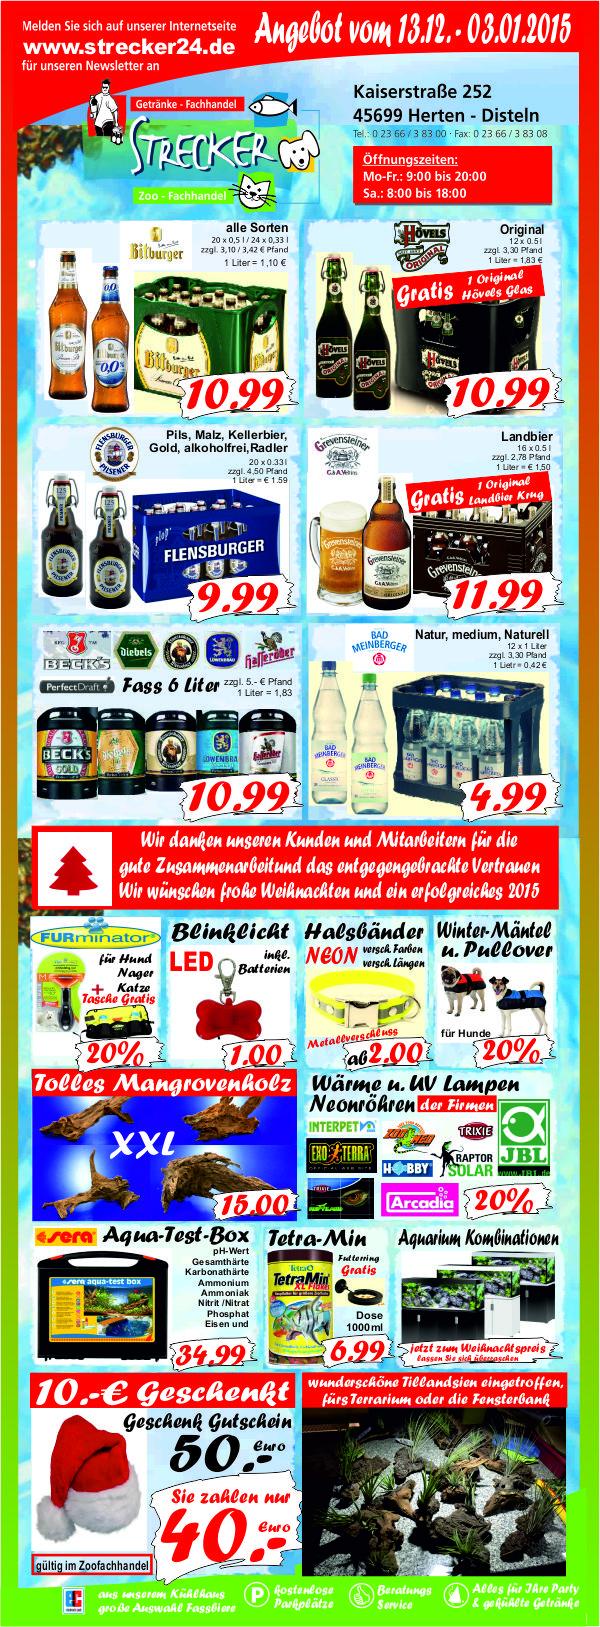 www13-12--03-01-2015 Weihnacht